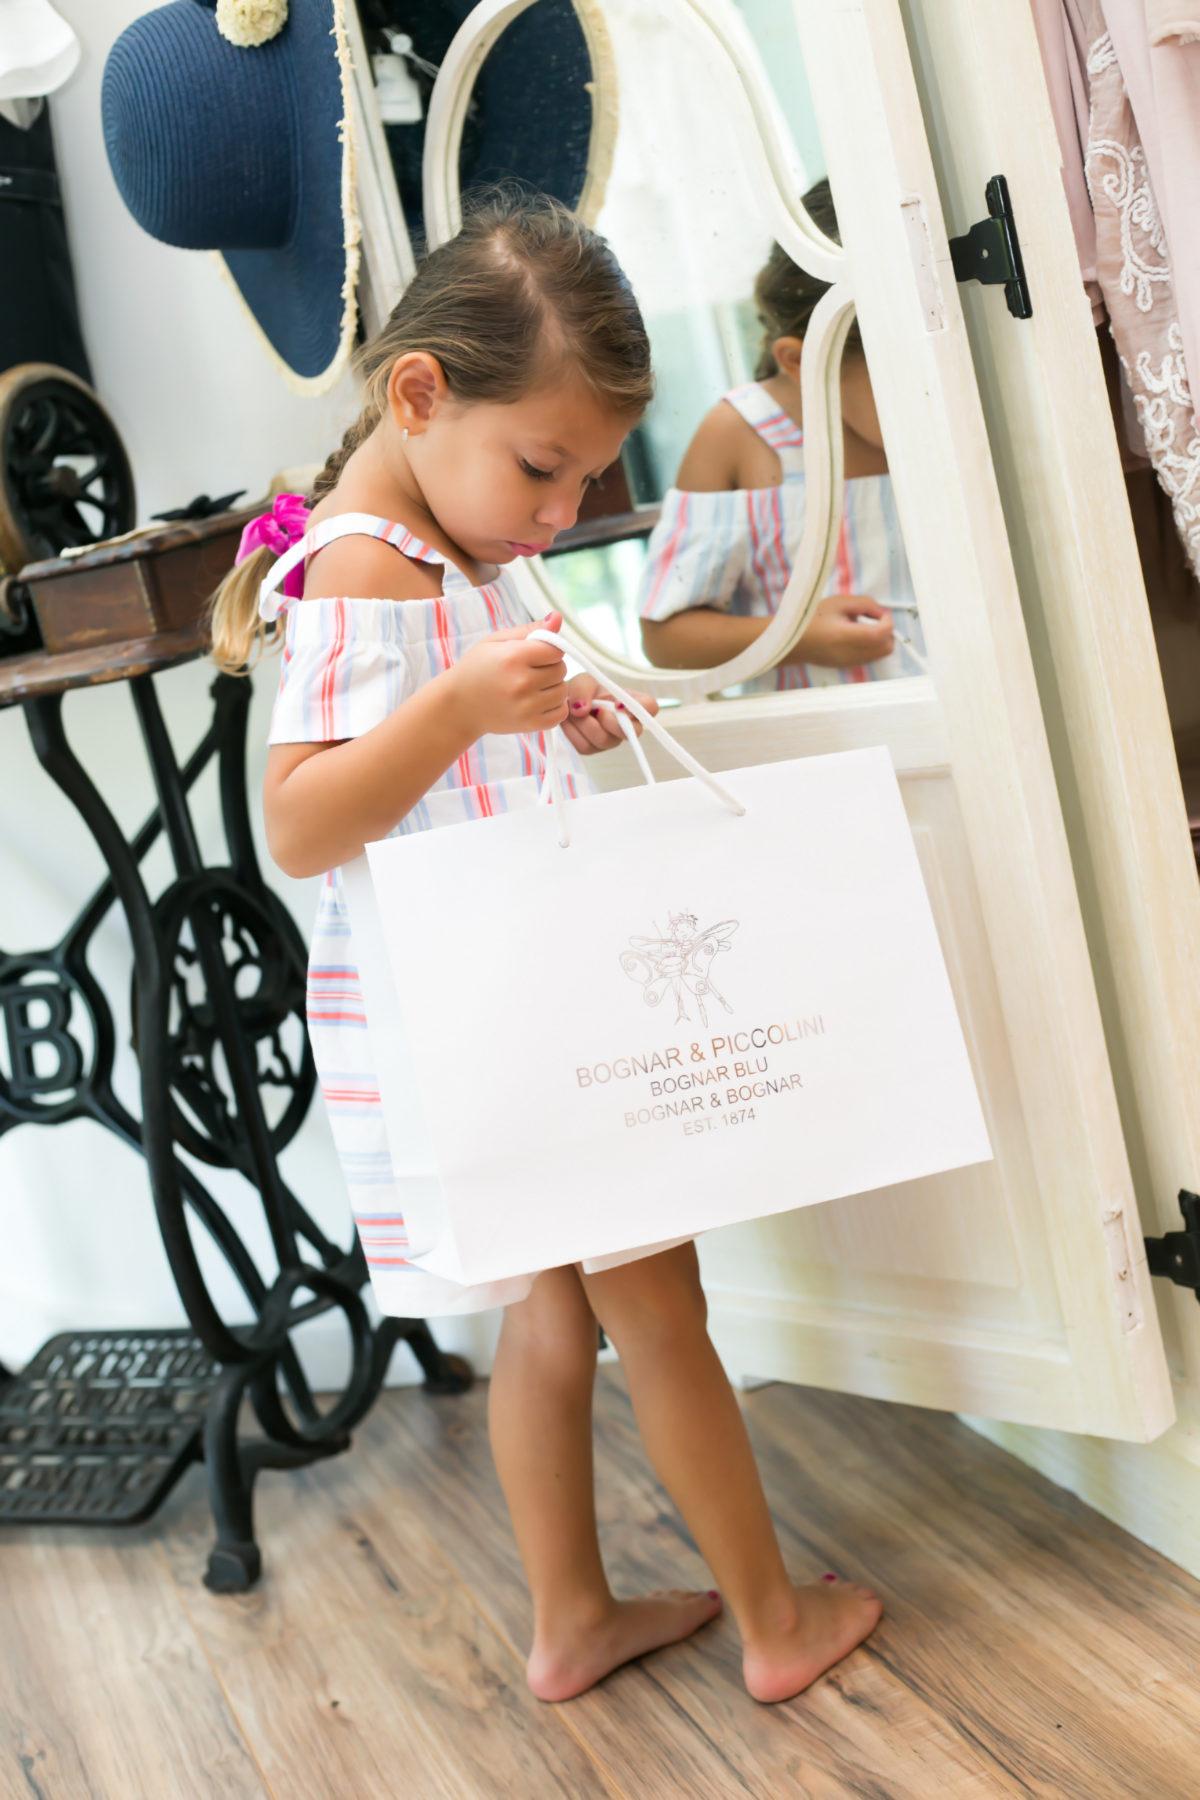 Bognar and Peccolini Palm Beach, children's shopping Palm Beach